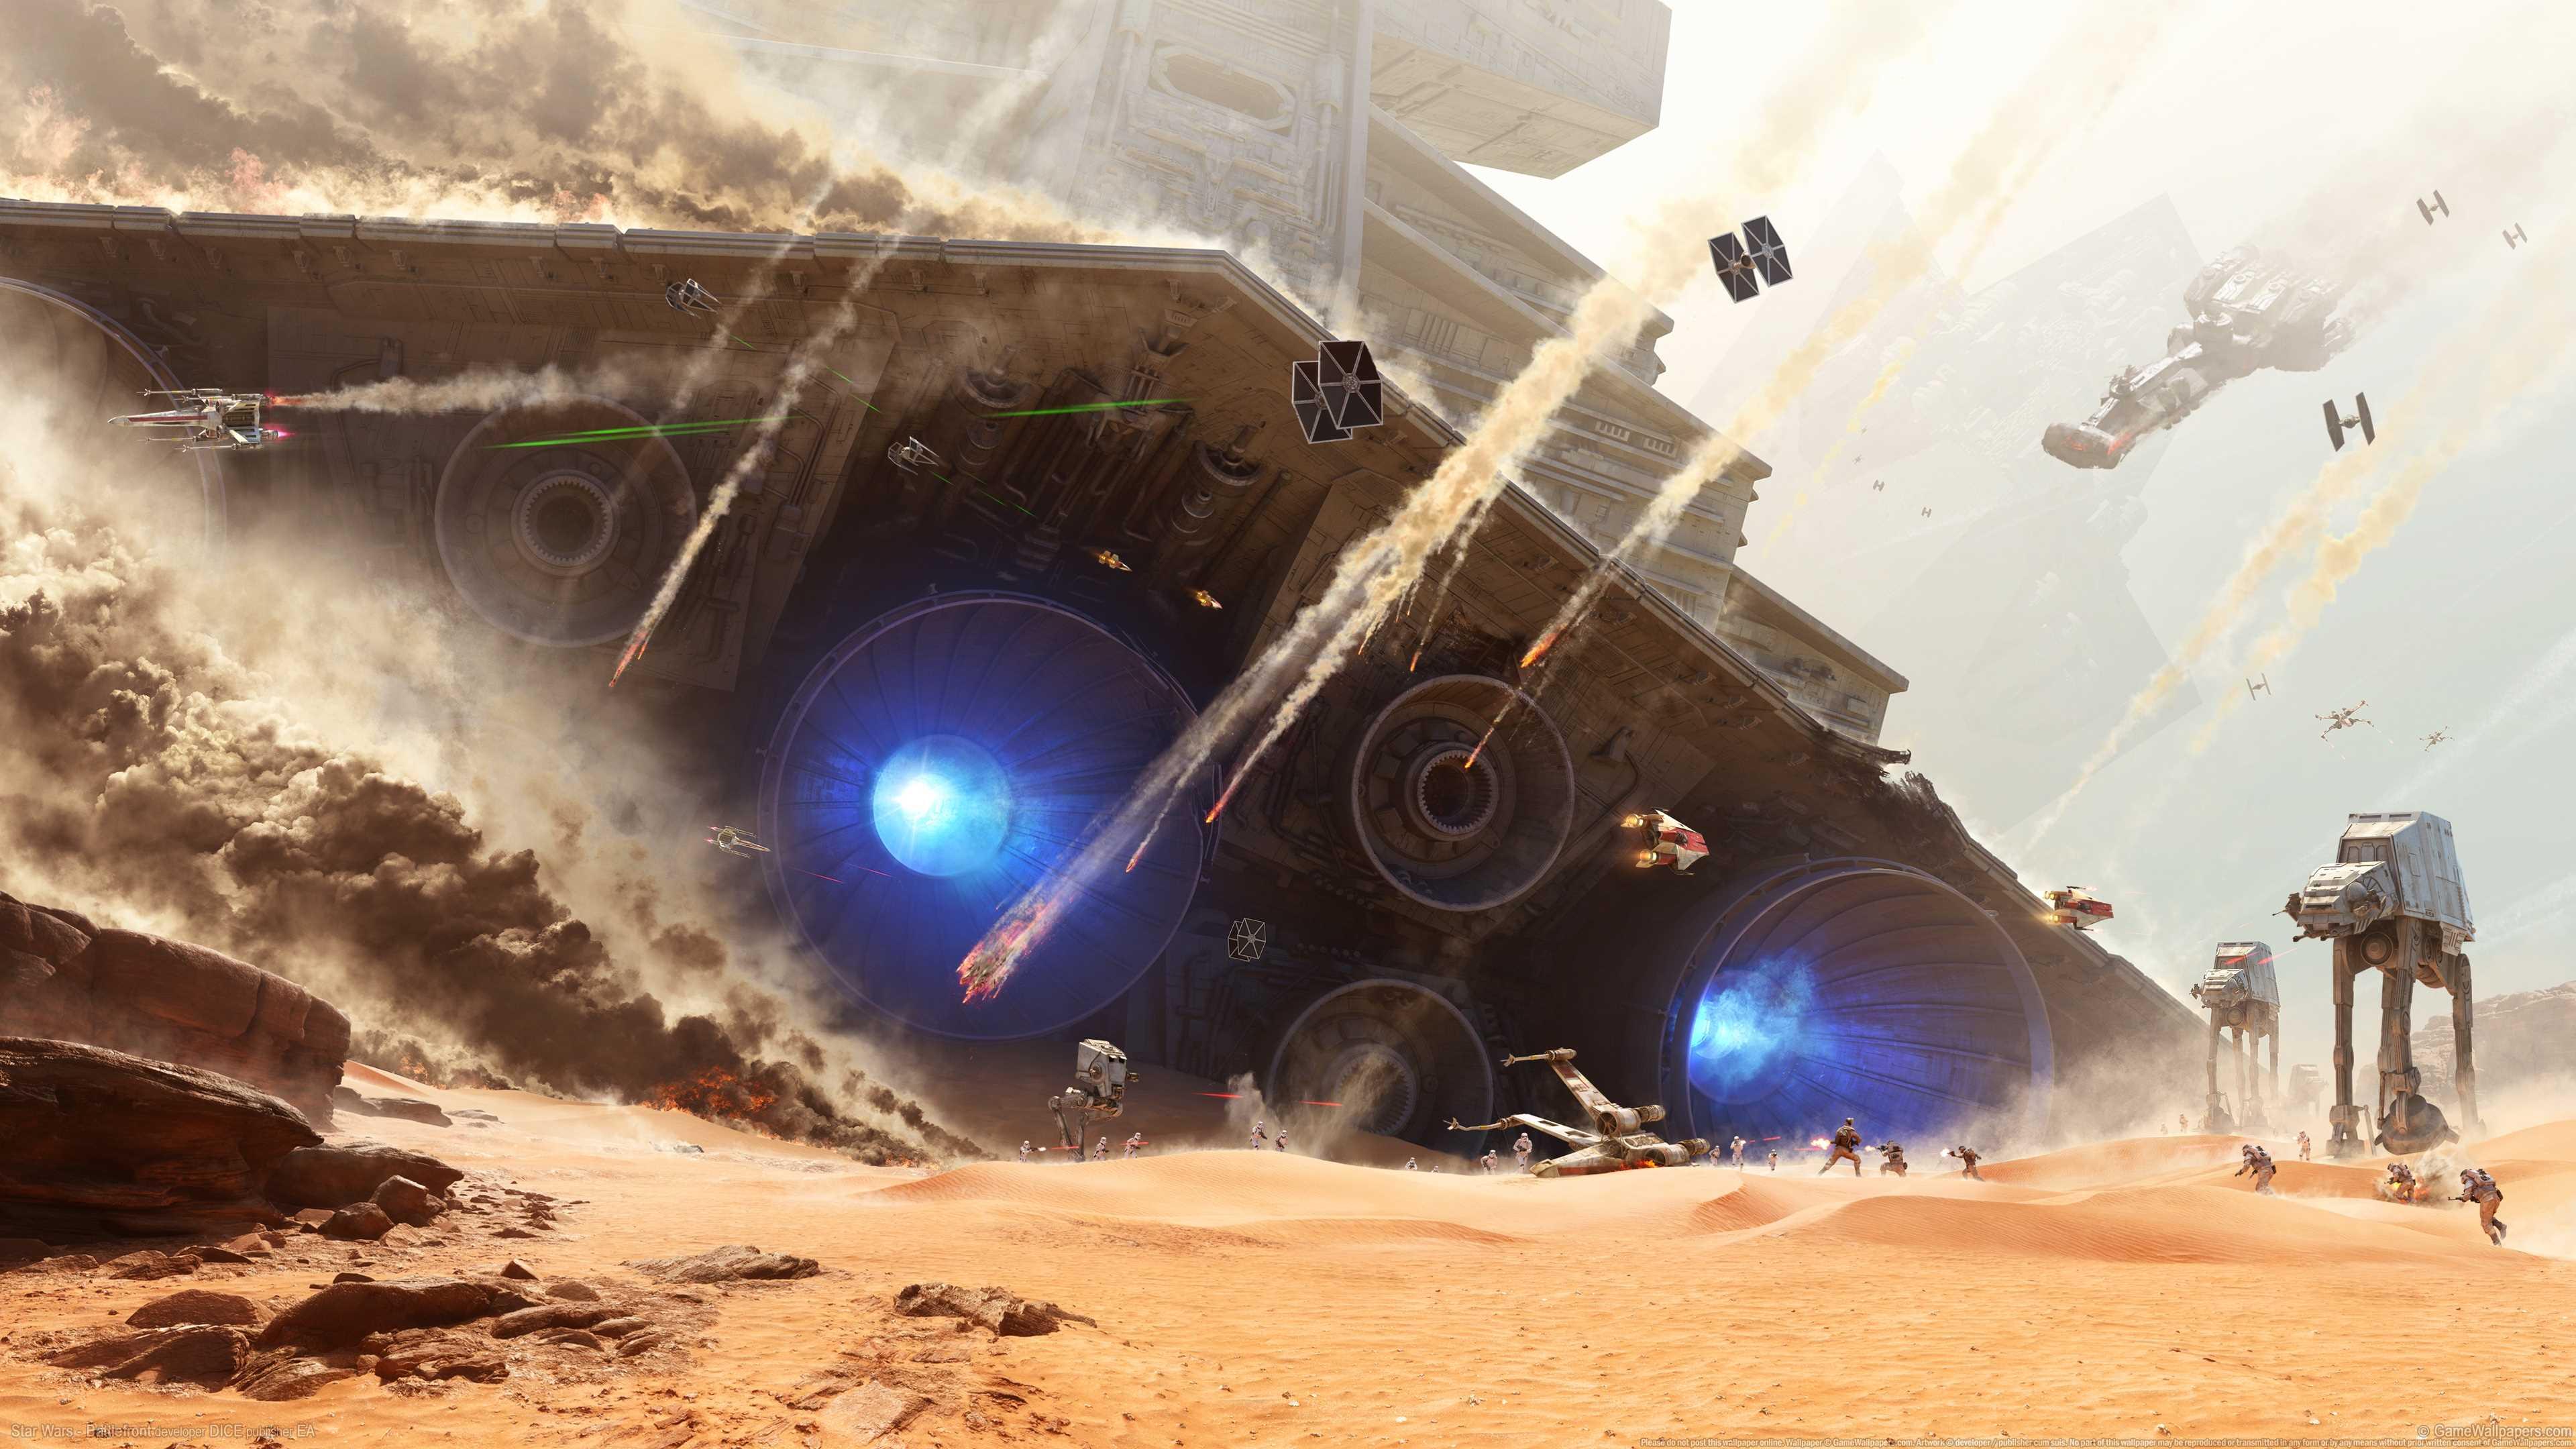 星球大战前线StarWars-Battlefront4k壁纸_彼岸图网